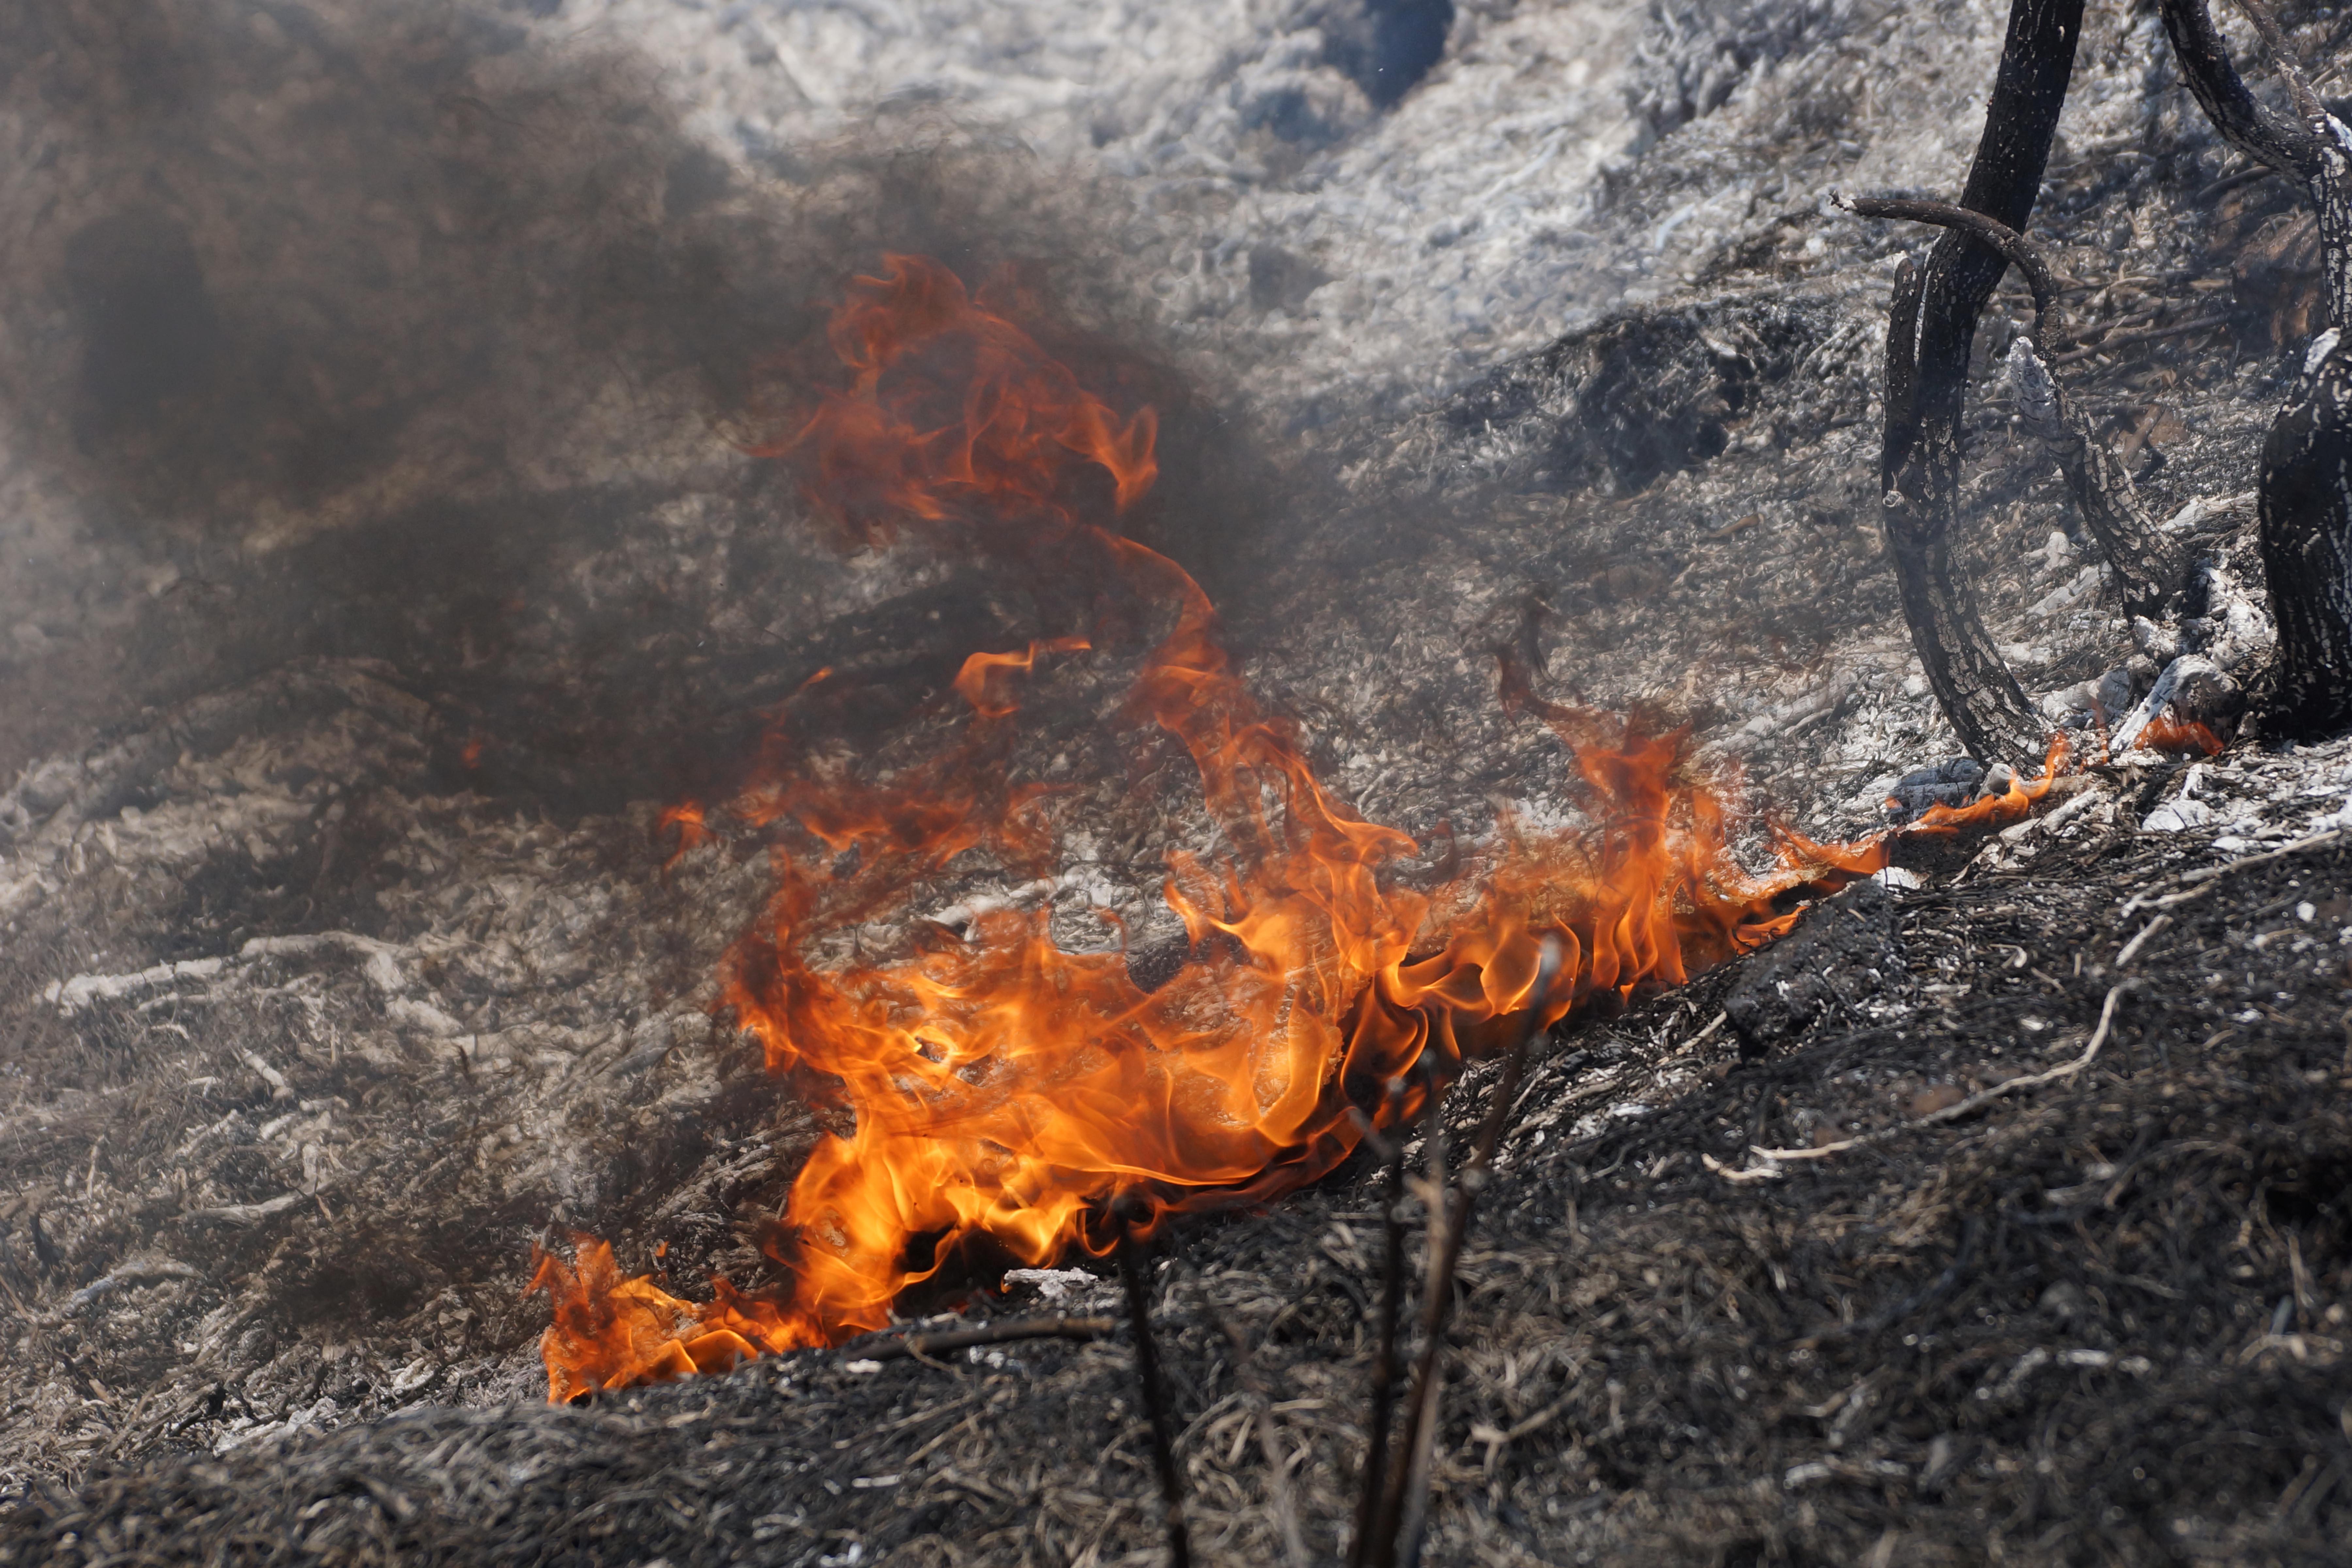 El Comité Nacional para la Defensa y Conservación de Los Chimalapas denunció la presencia de invasores en los bosques de la zona.